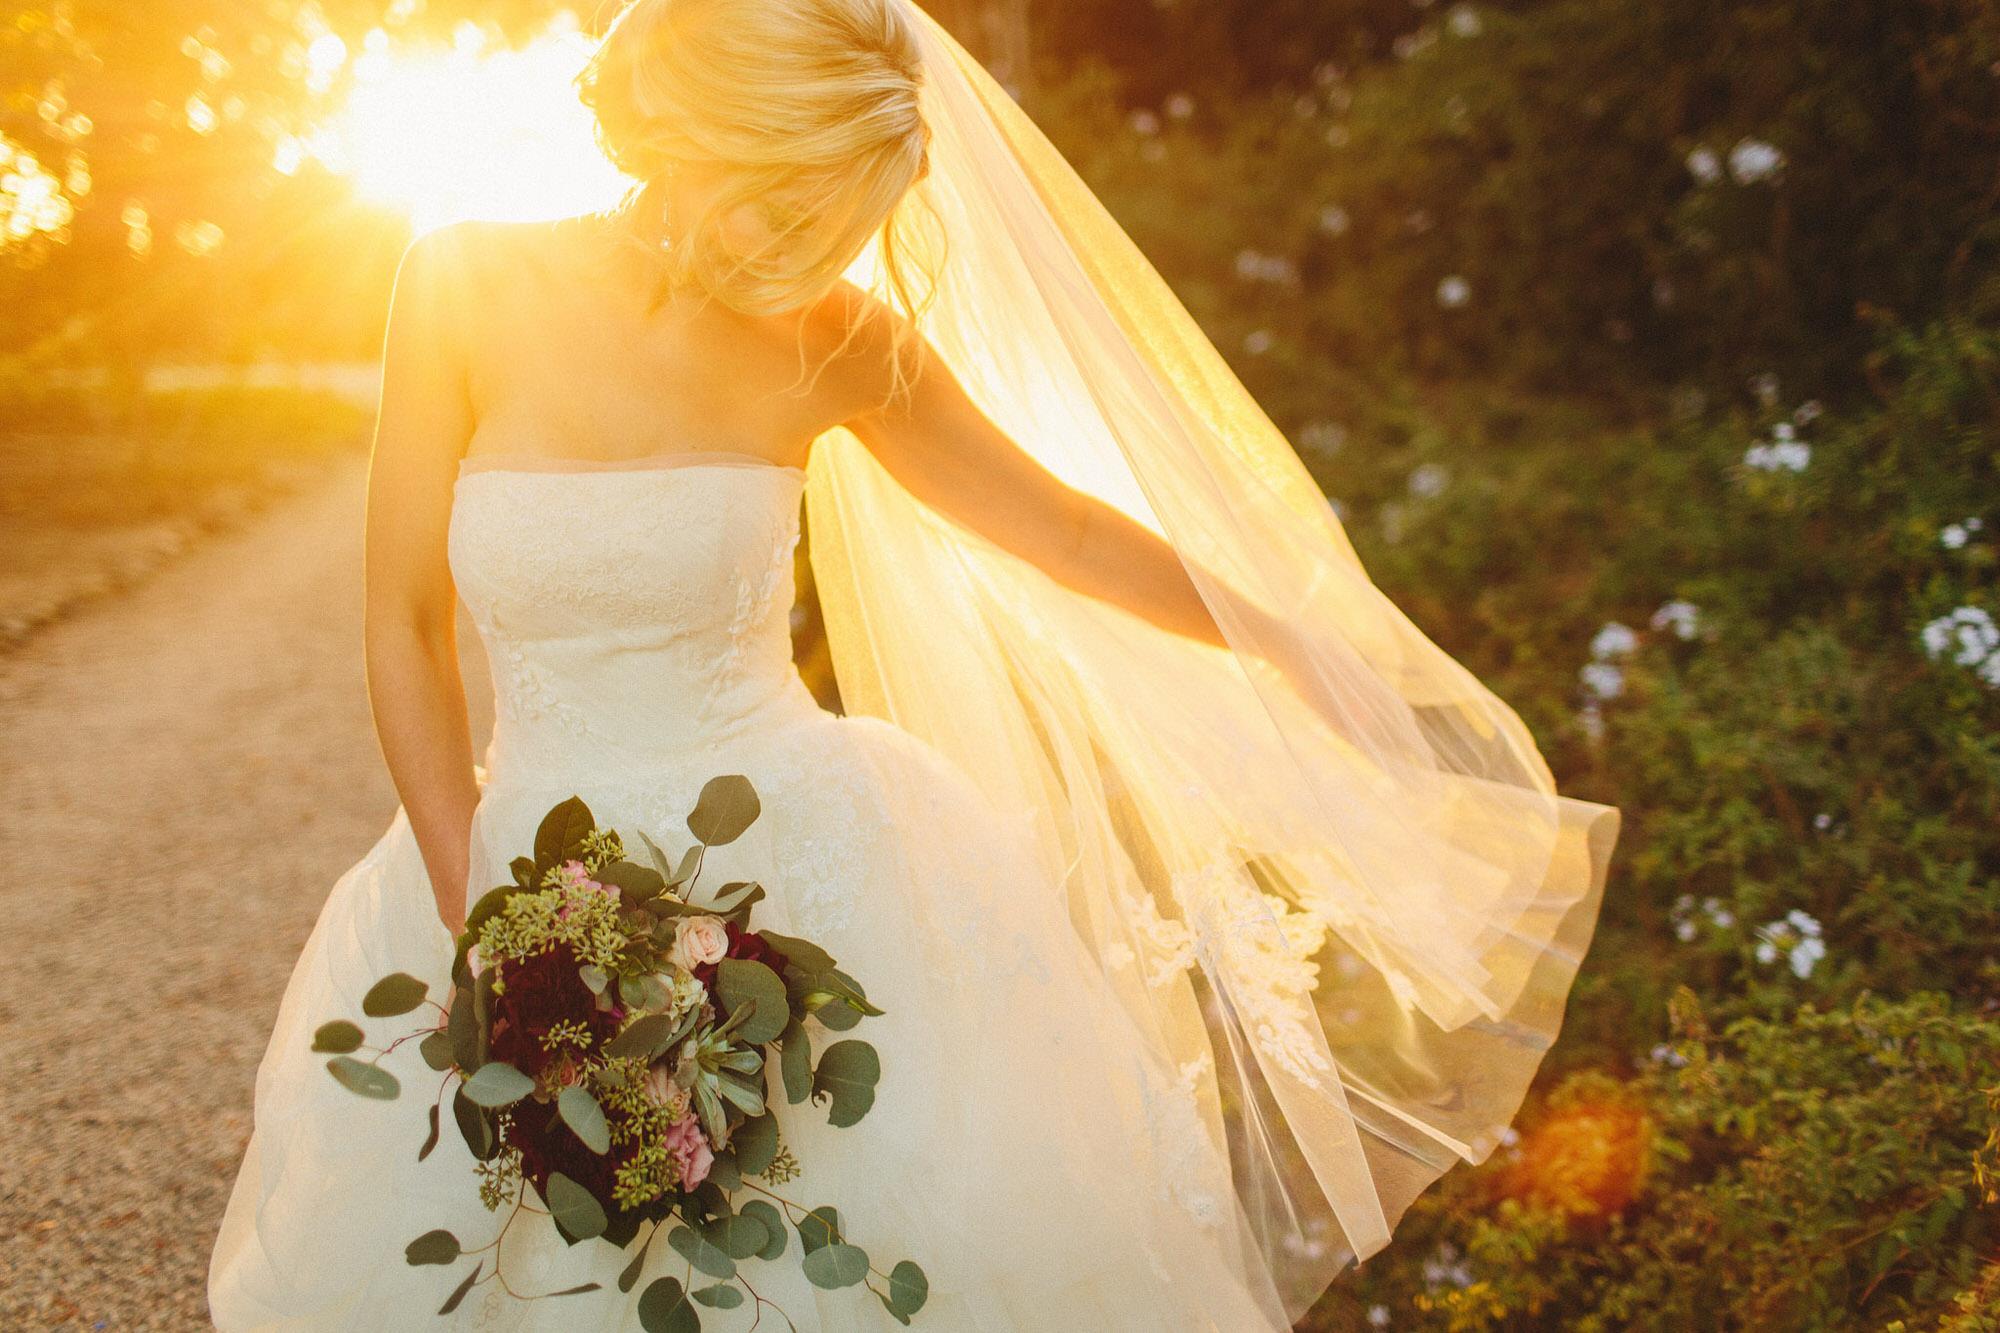 GWS-Evan-Annalisa-wed-3704-2 copy.jpg